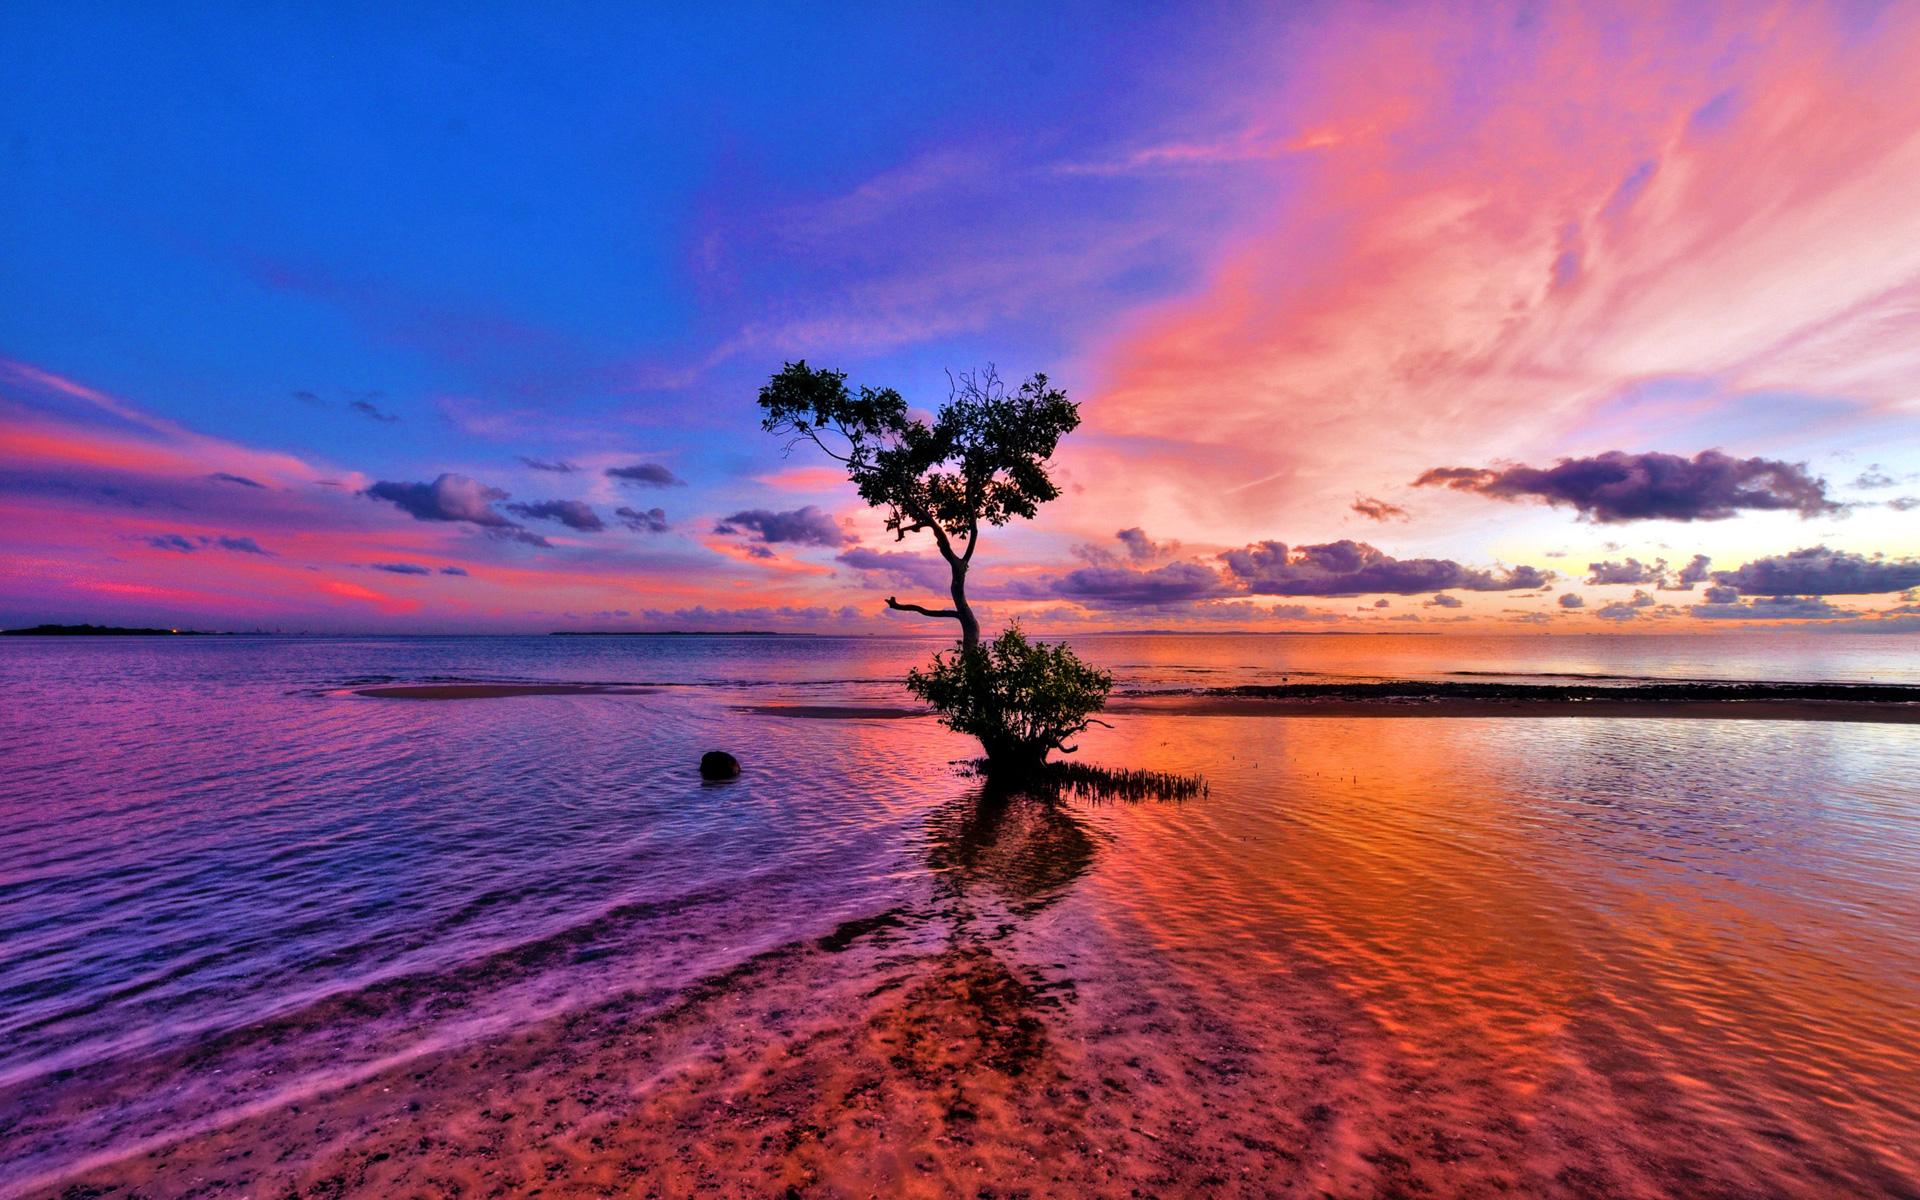 Pink Sunset Beautiful   1920x1200   1610 1920x1200